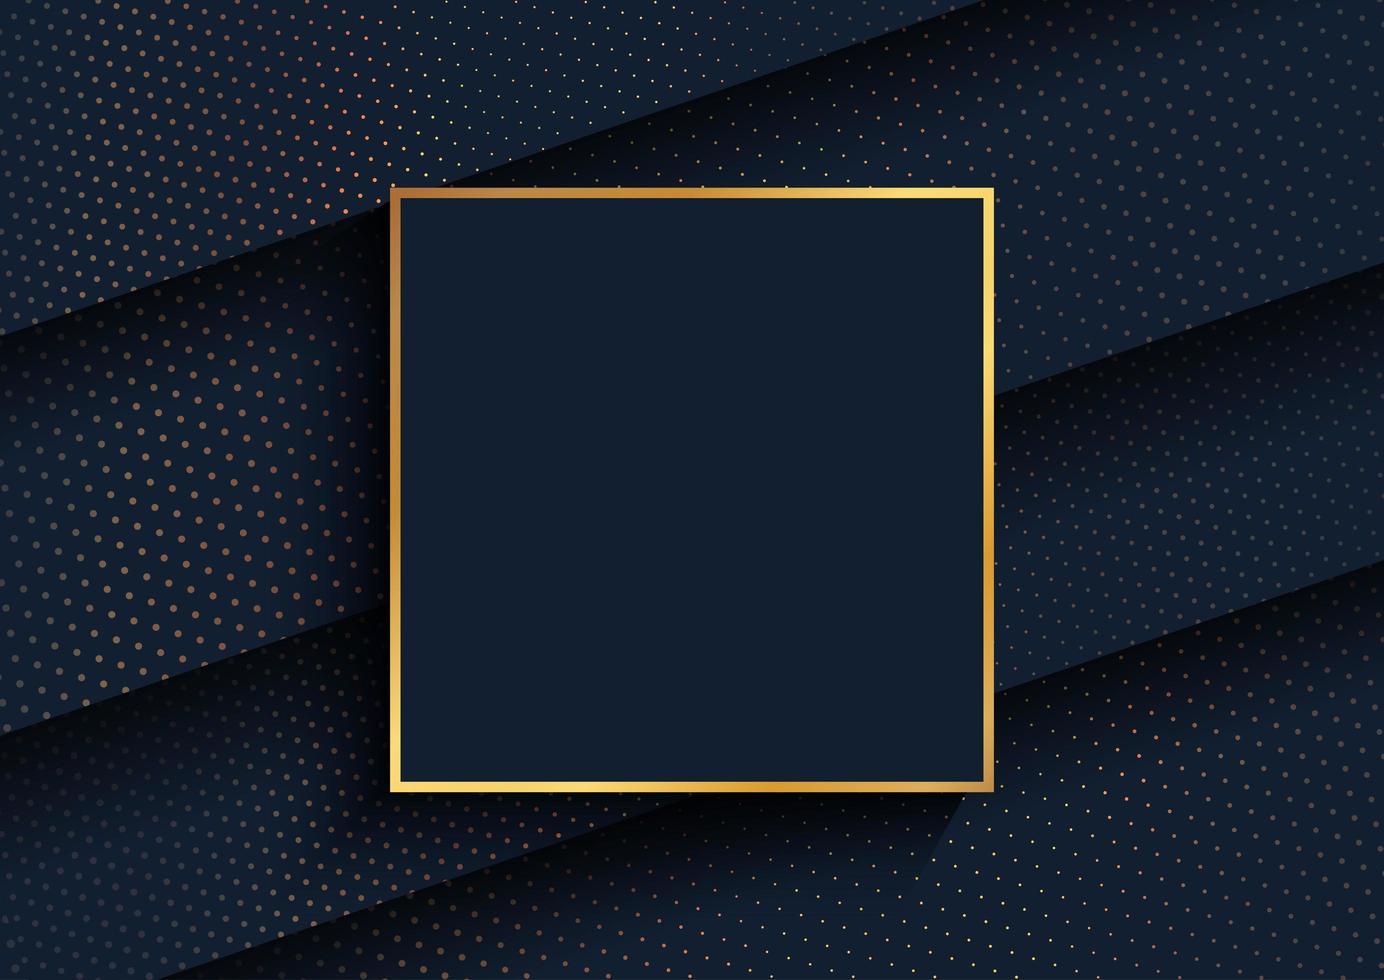 Elegante fondo con diseño de puntos de medios tonos dorados y marco dorado vector